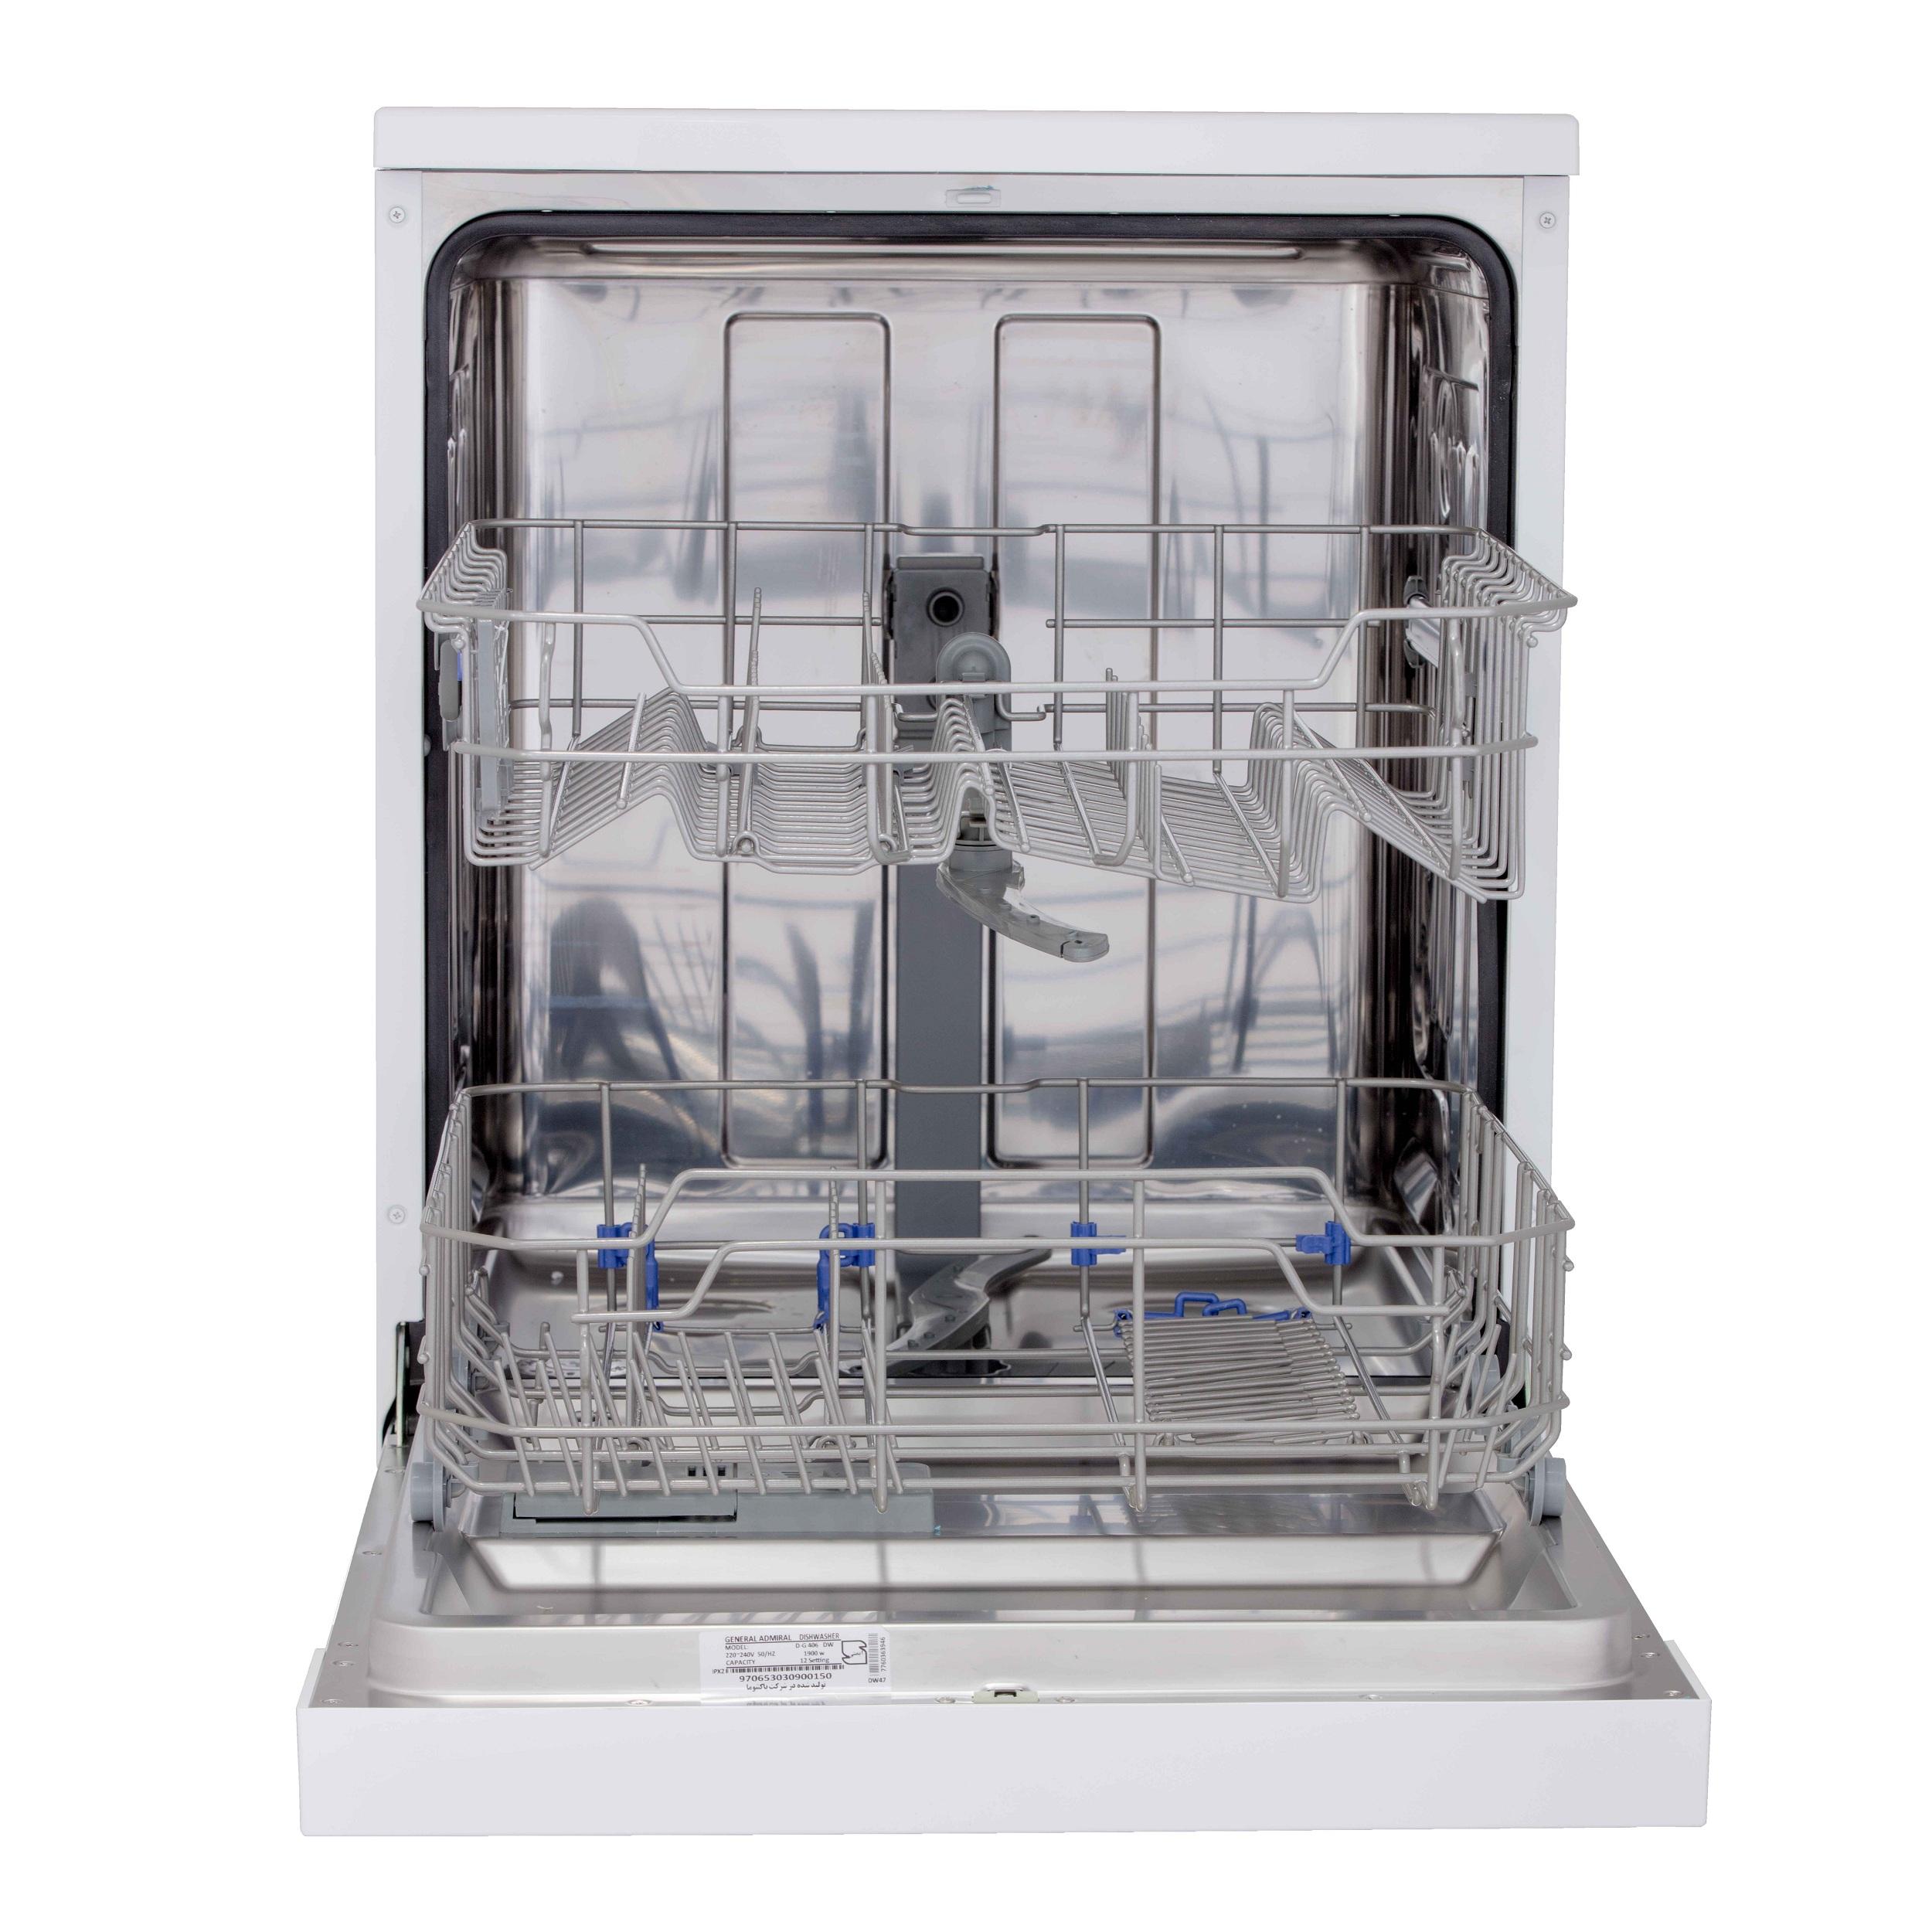 ماشین ظرفشویی جنرال آدمیرال مدل D- G406